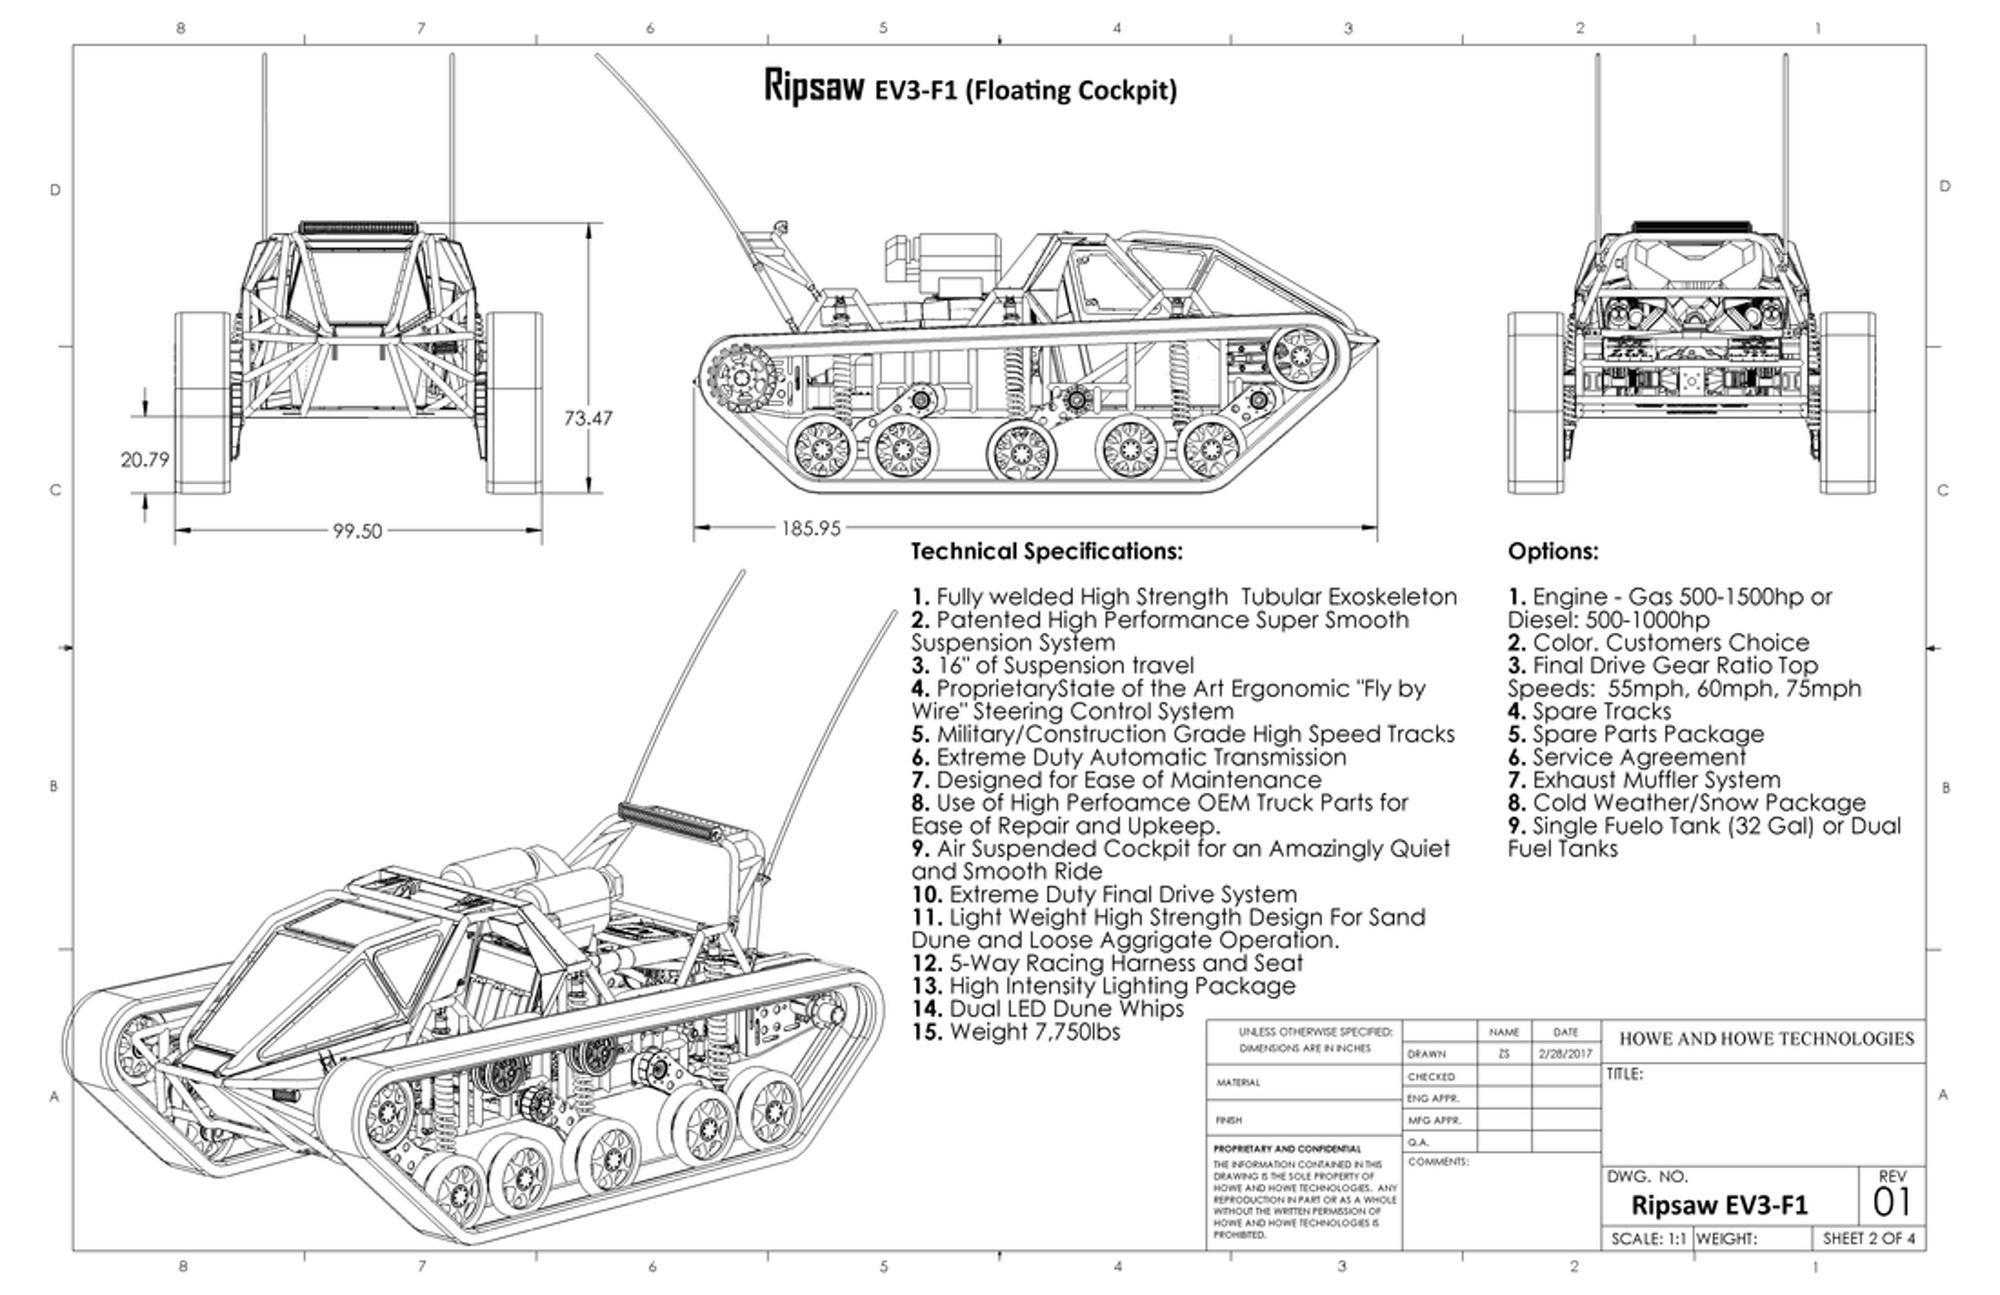 Specifikace supersportovního tanku Ripsaw EV3-F1. Kredit: Howe & Howe.